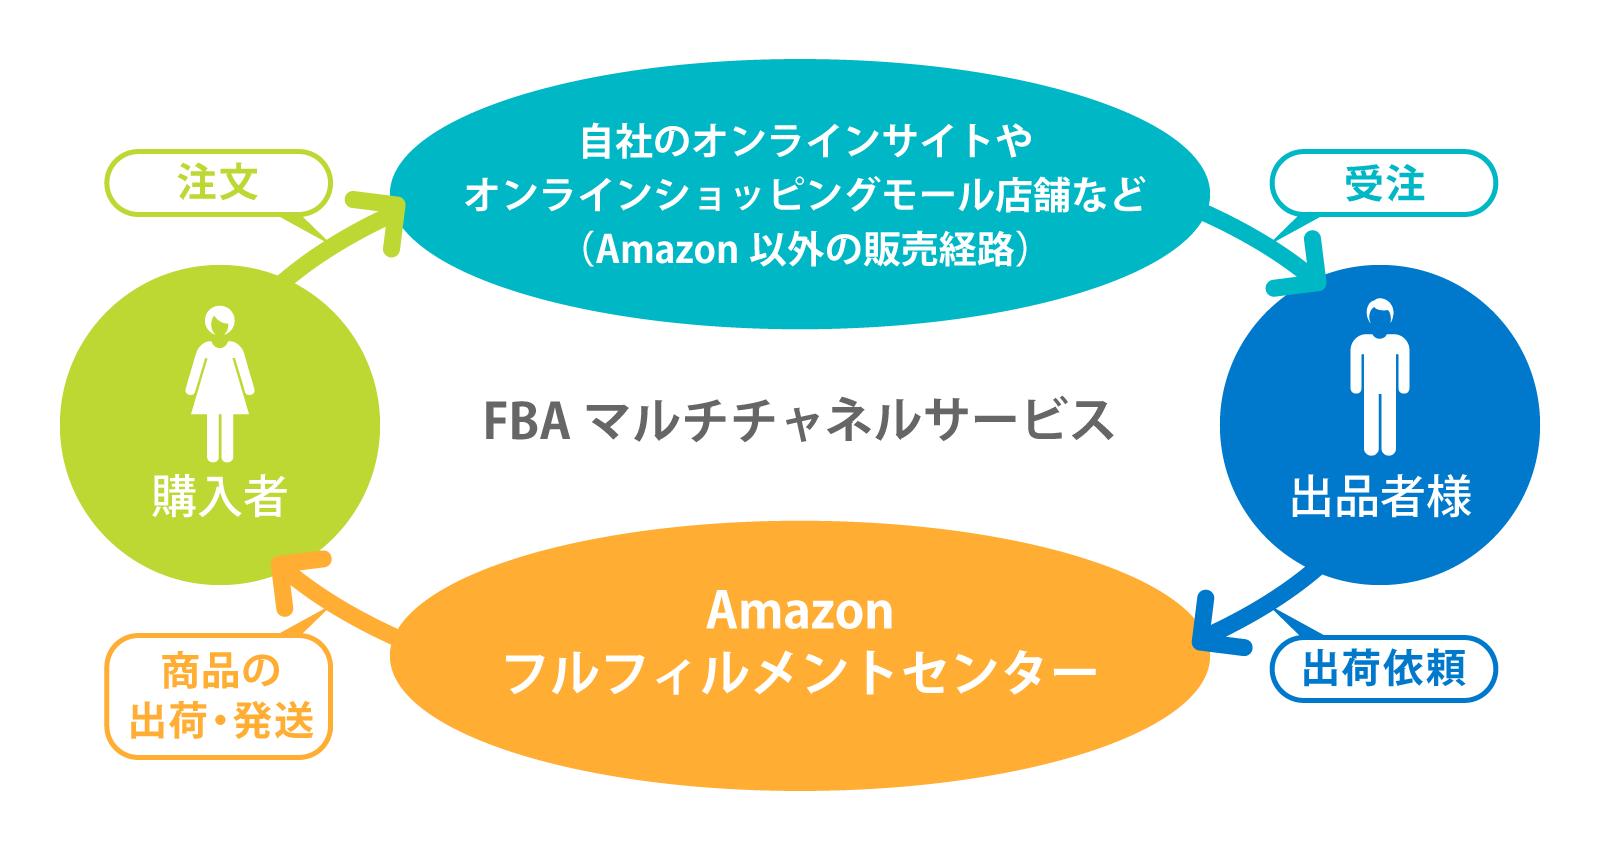 4月フルフィルメントbyAmazonの提供を開始。